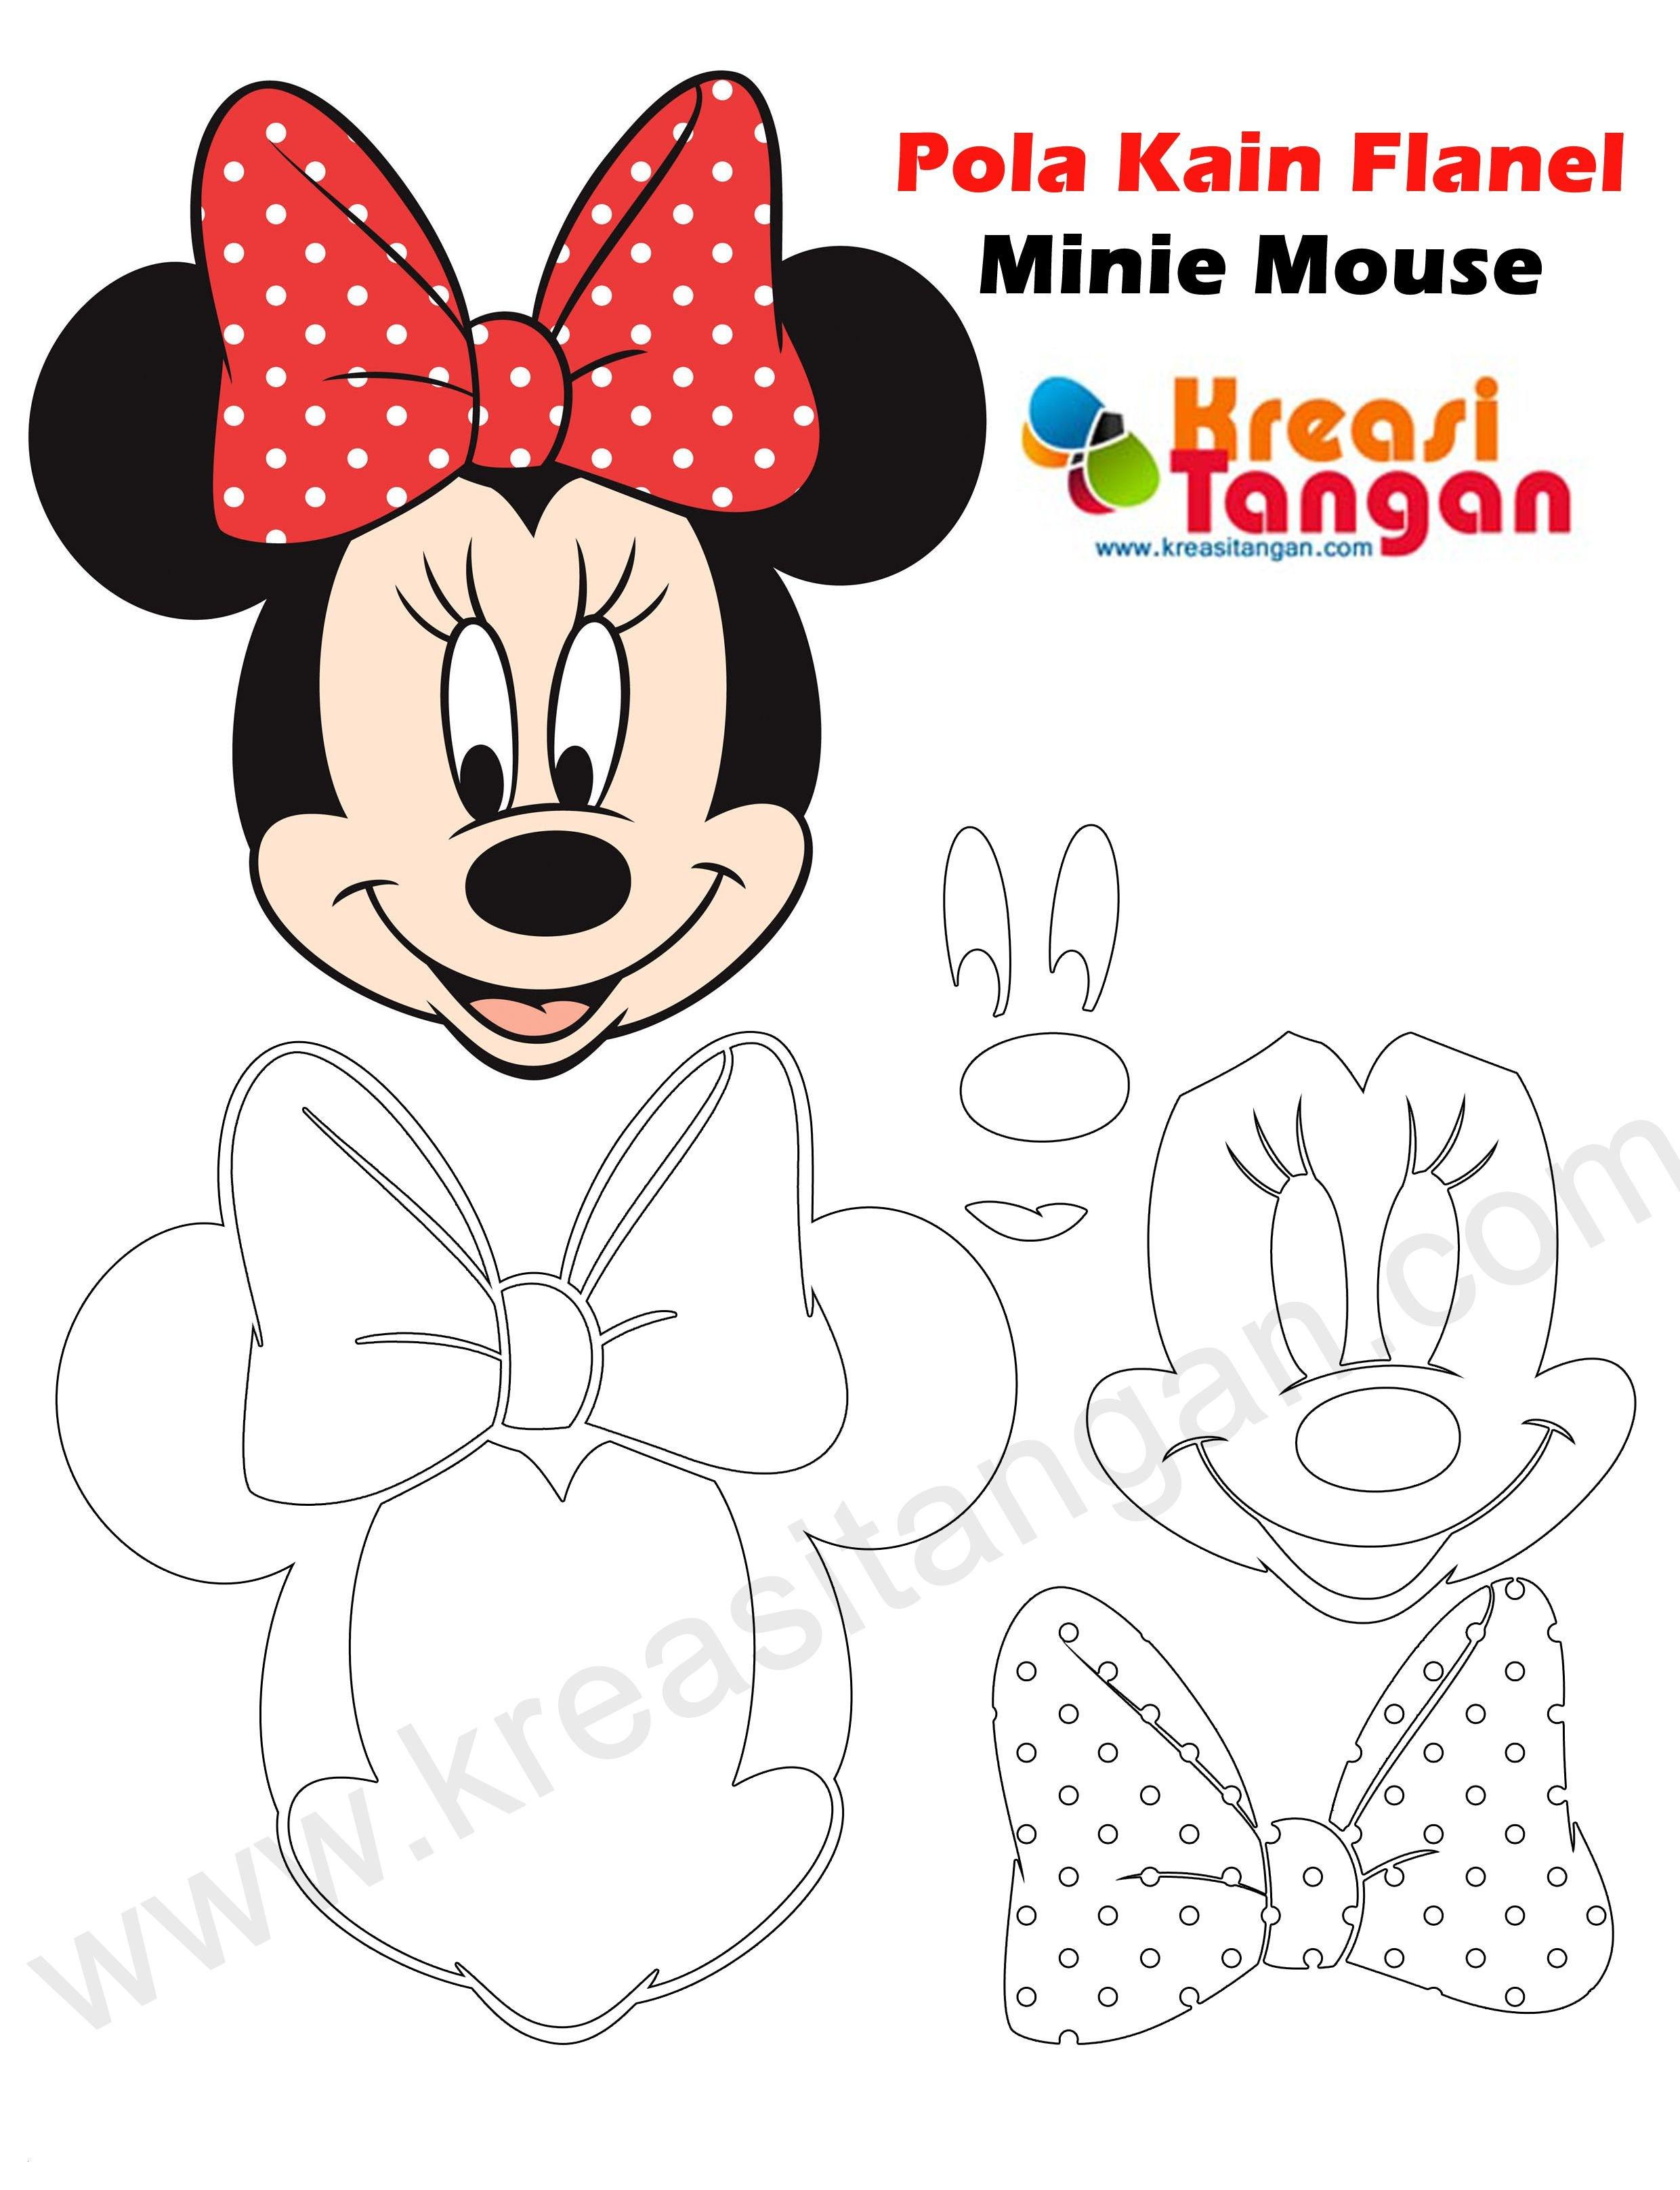 Micky Maus Bilder Zum Ausmalen Neu Micky Maus Ausmalbilder Weihnachten Unique Disney Ausmalbilder Fotografieren